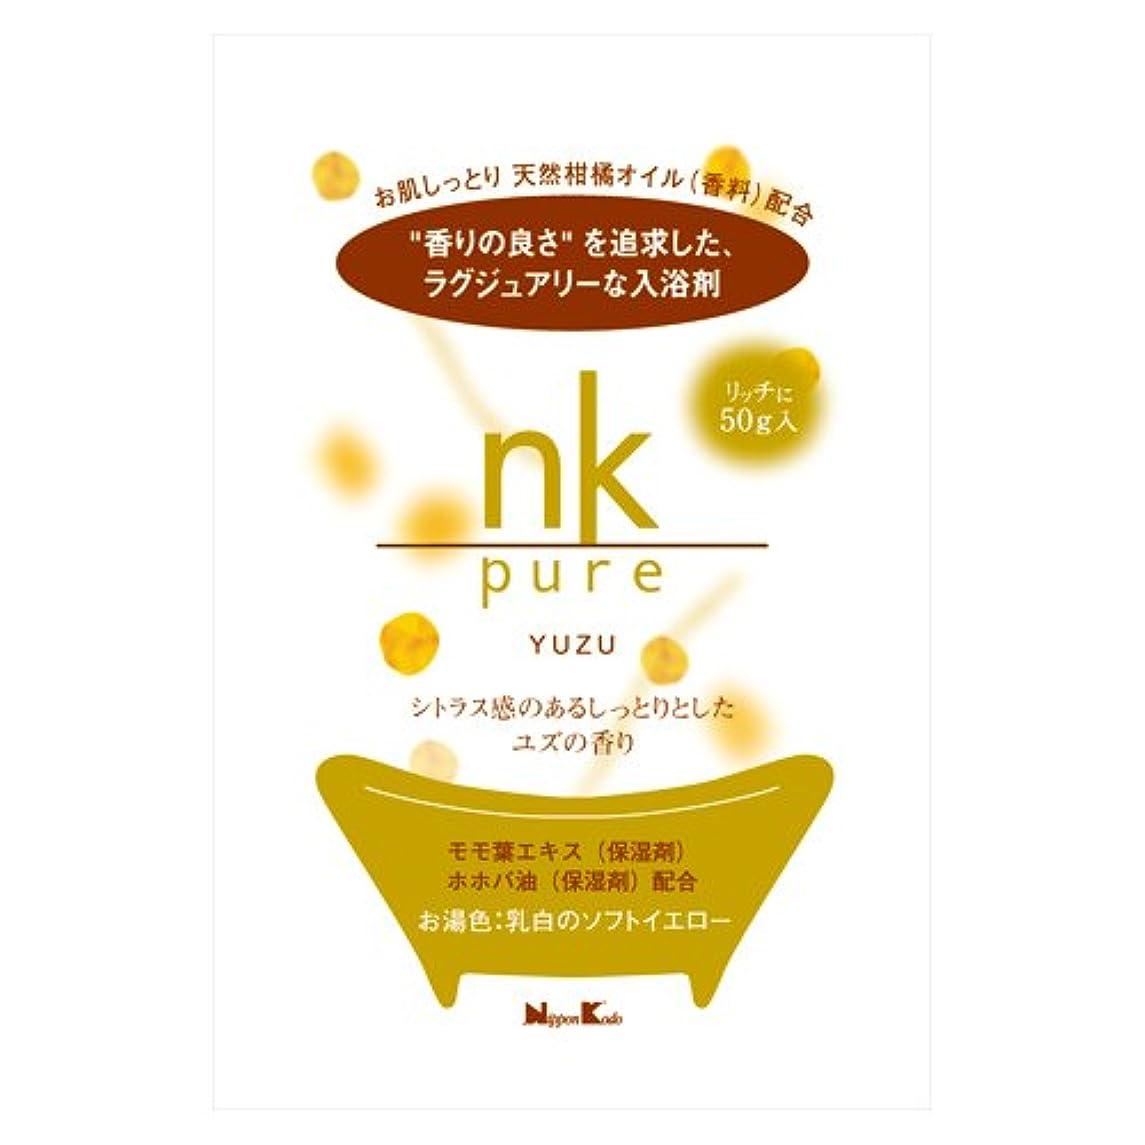 慣性バケット治世【X10個セット】 nk pure 入浴剤 ユズ 50g